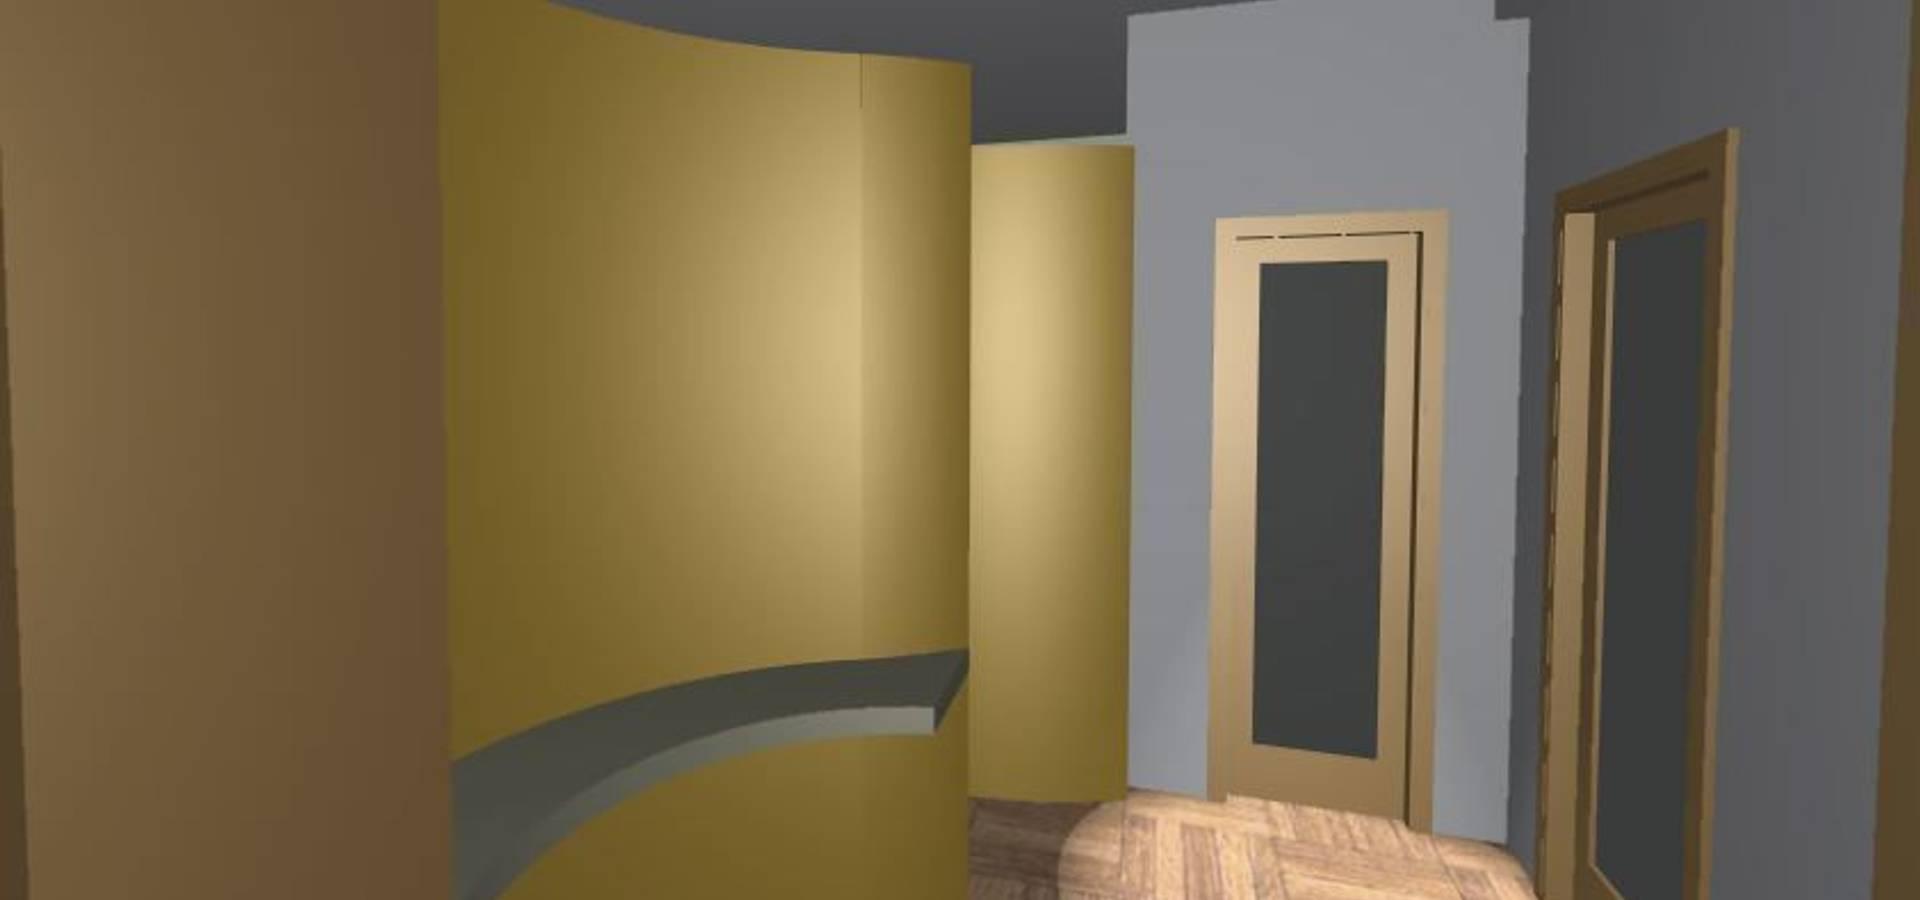 Architettura design napoli studio professionale hall for Architettura design